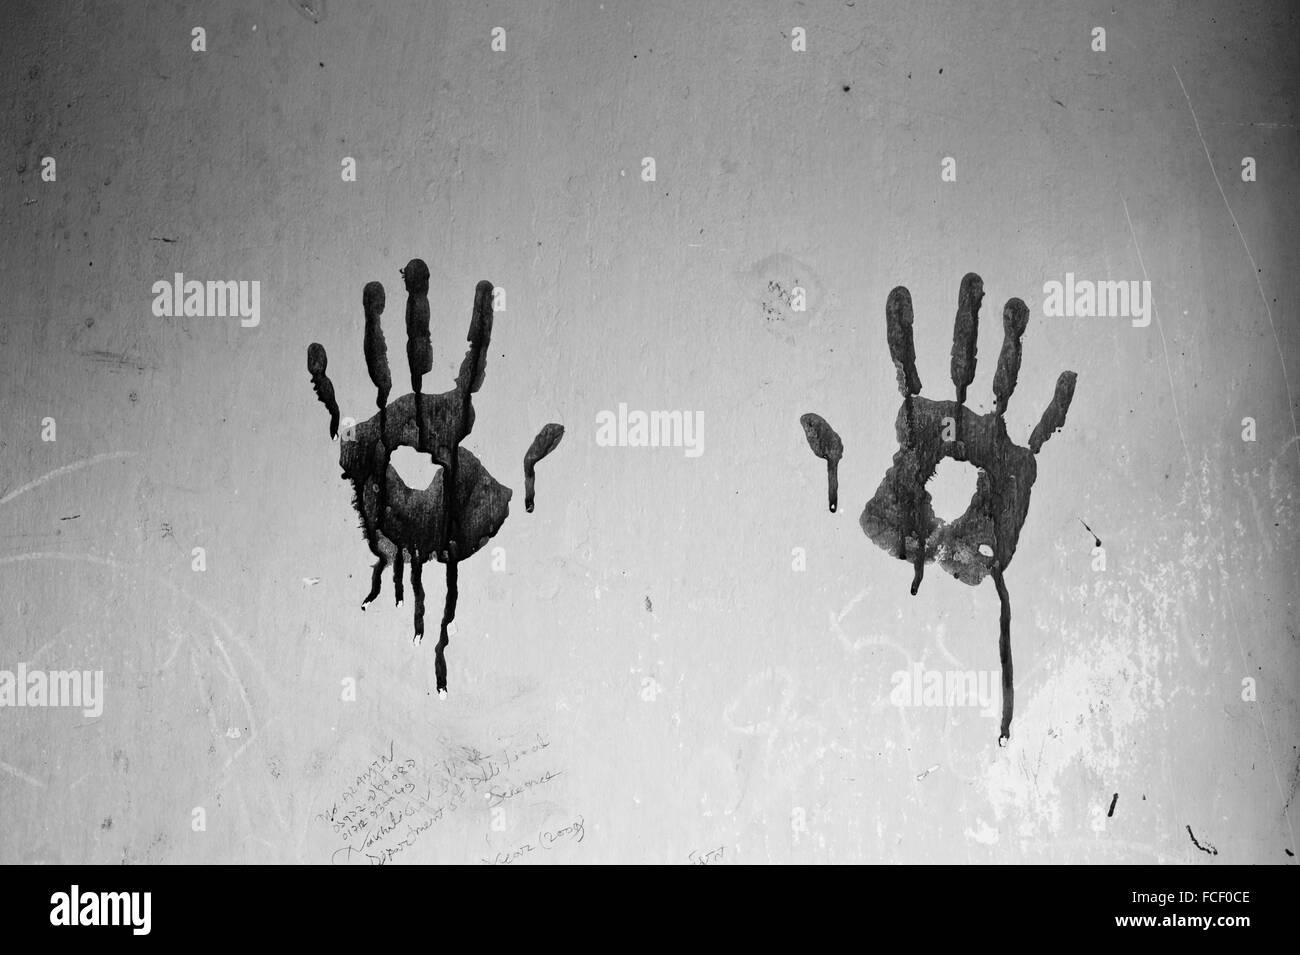 Hand Prints On Wall - Stock Image